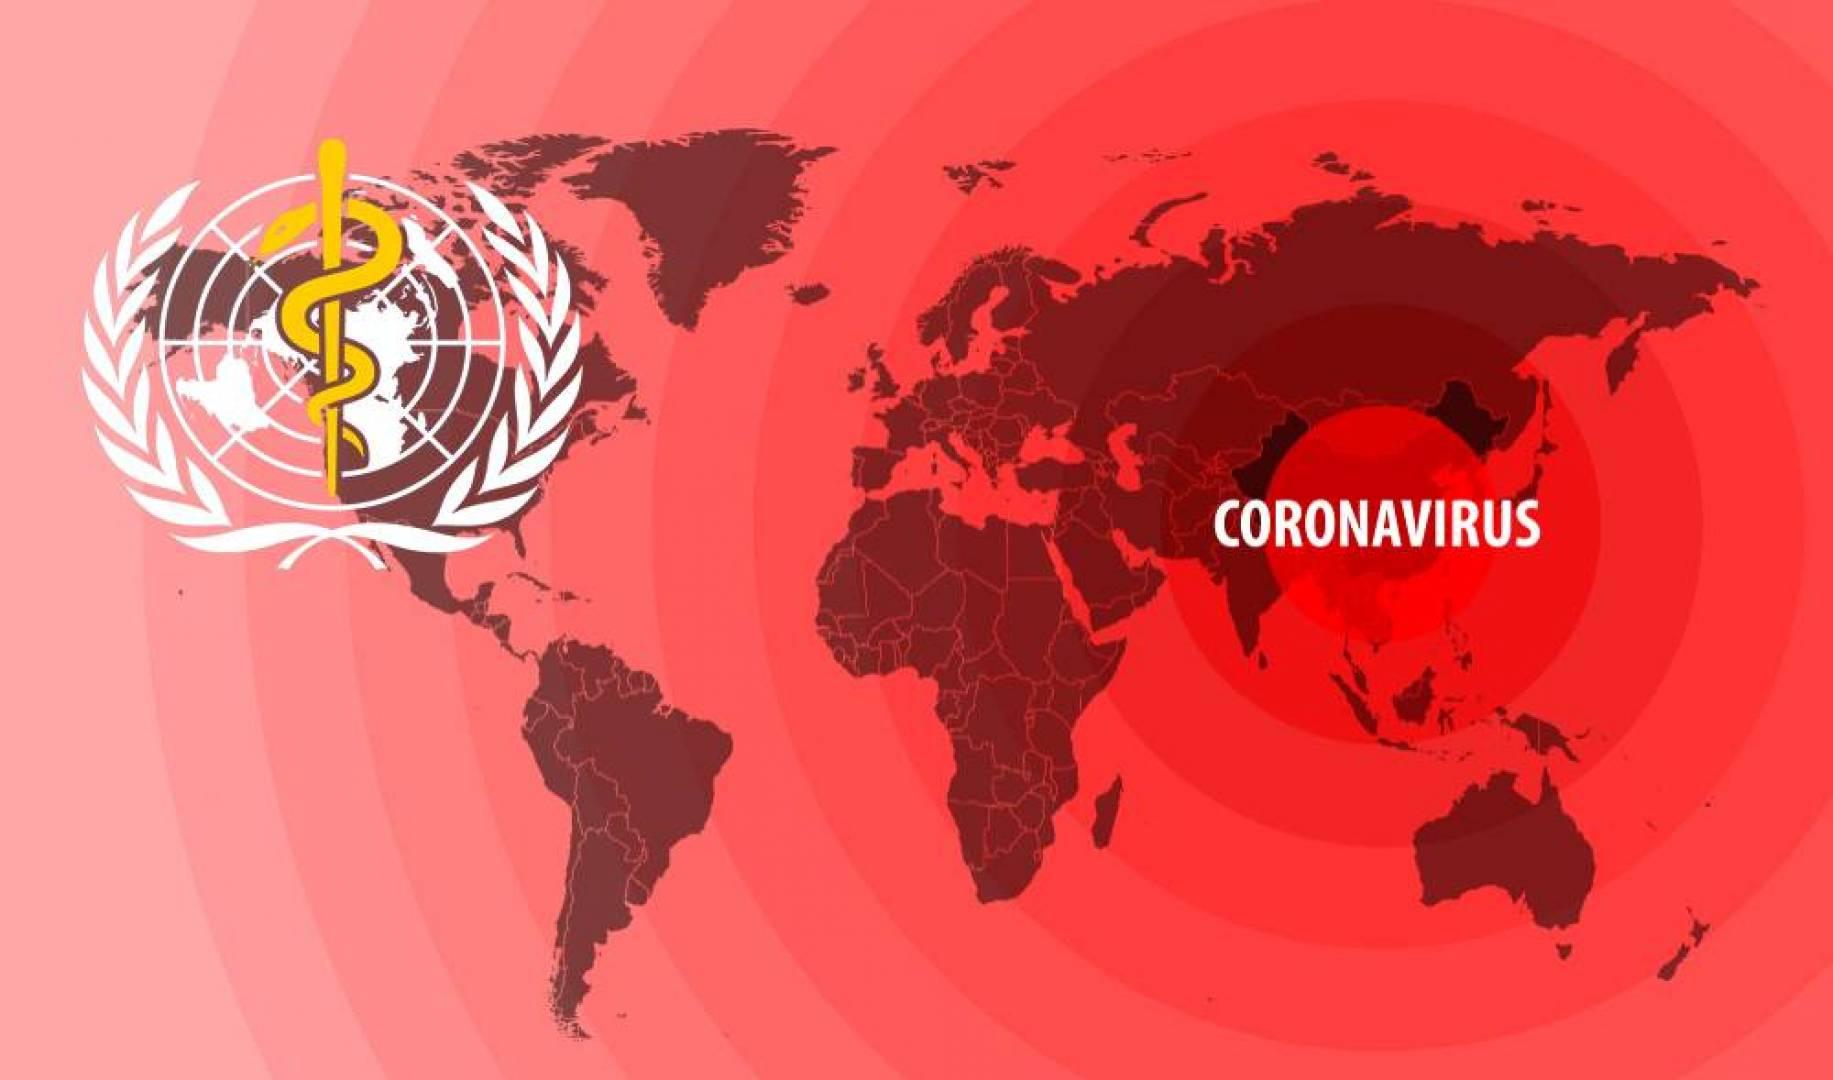 «الصحة» العالمية تحذّر: فيروس كورونا سيكون طويل الأمد